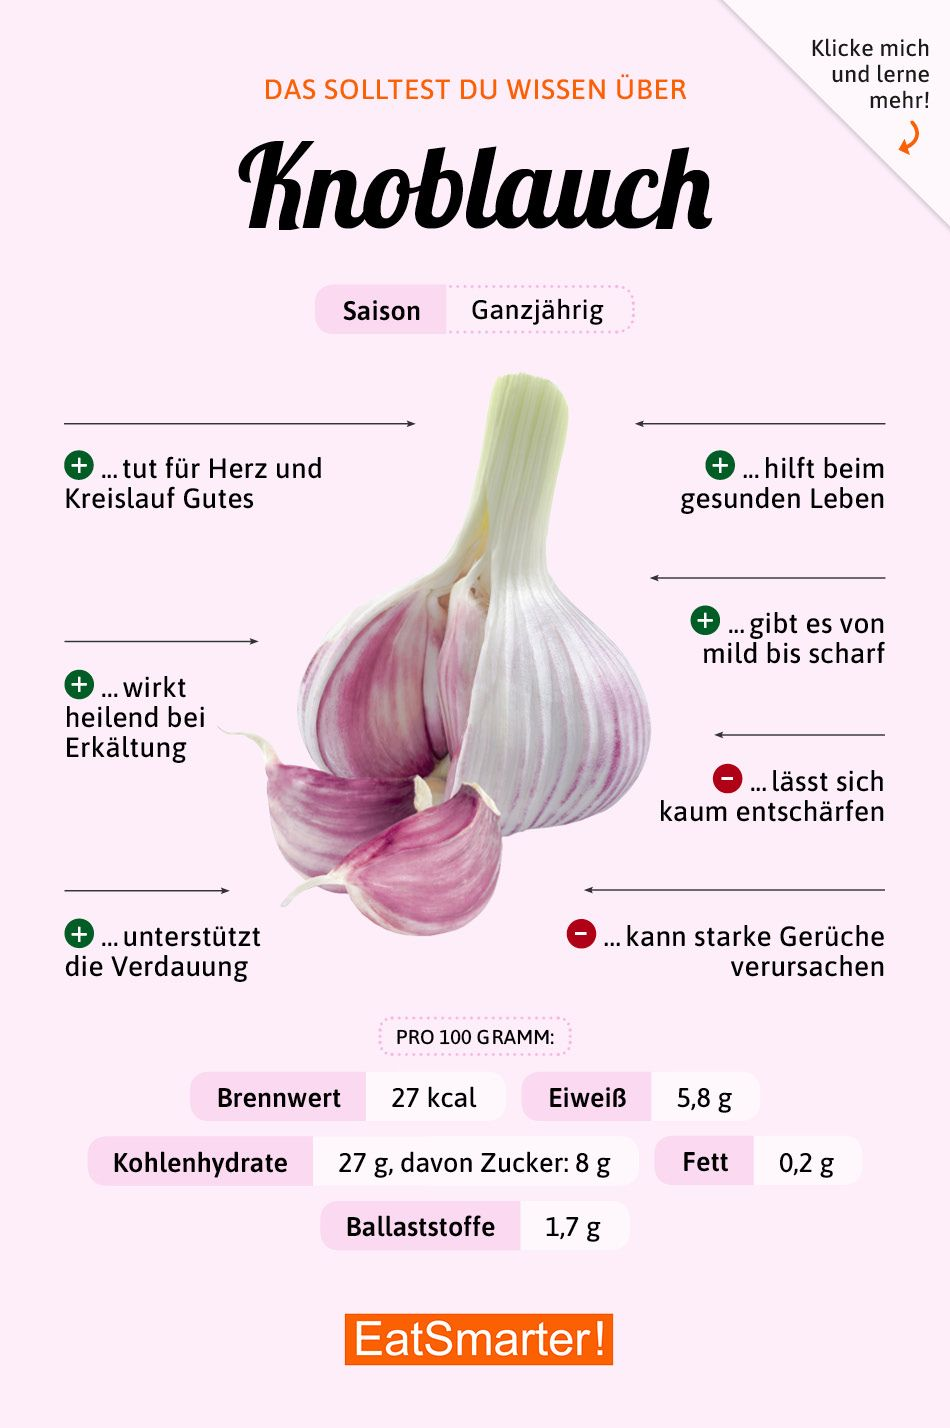 Das solltest du über Knoblauch wissen! #ernährung #infografik #knoblauch #workoutfood